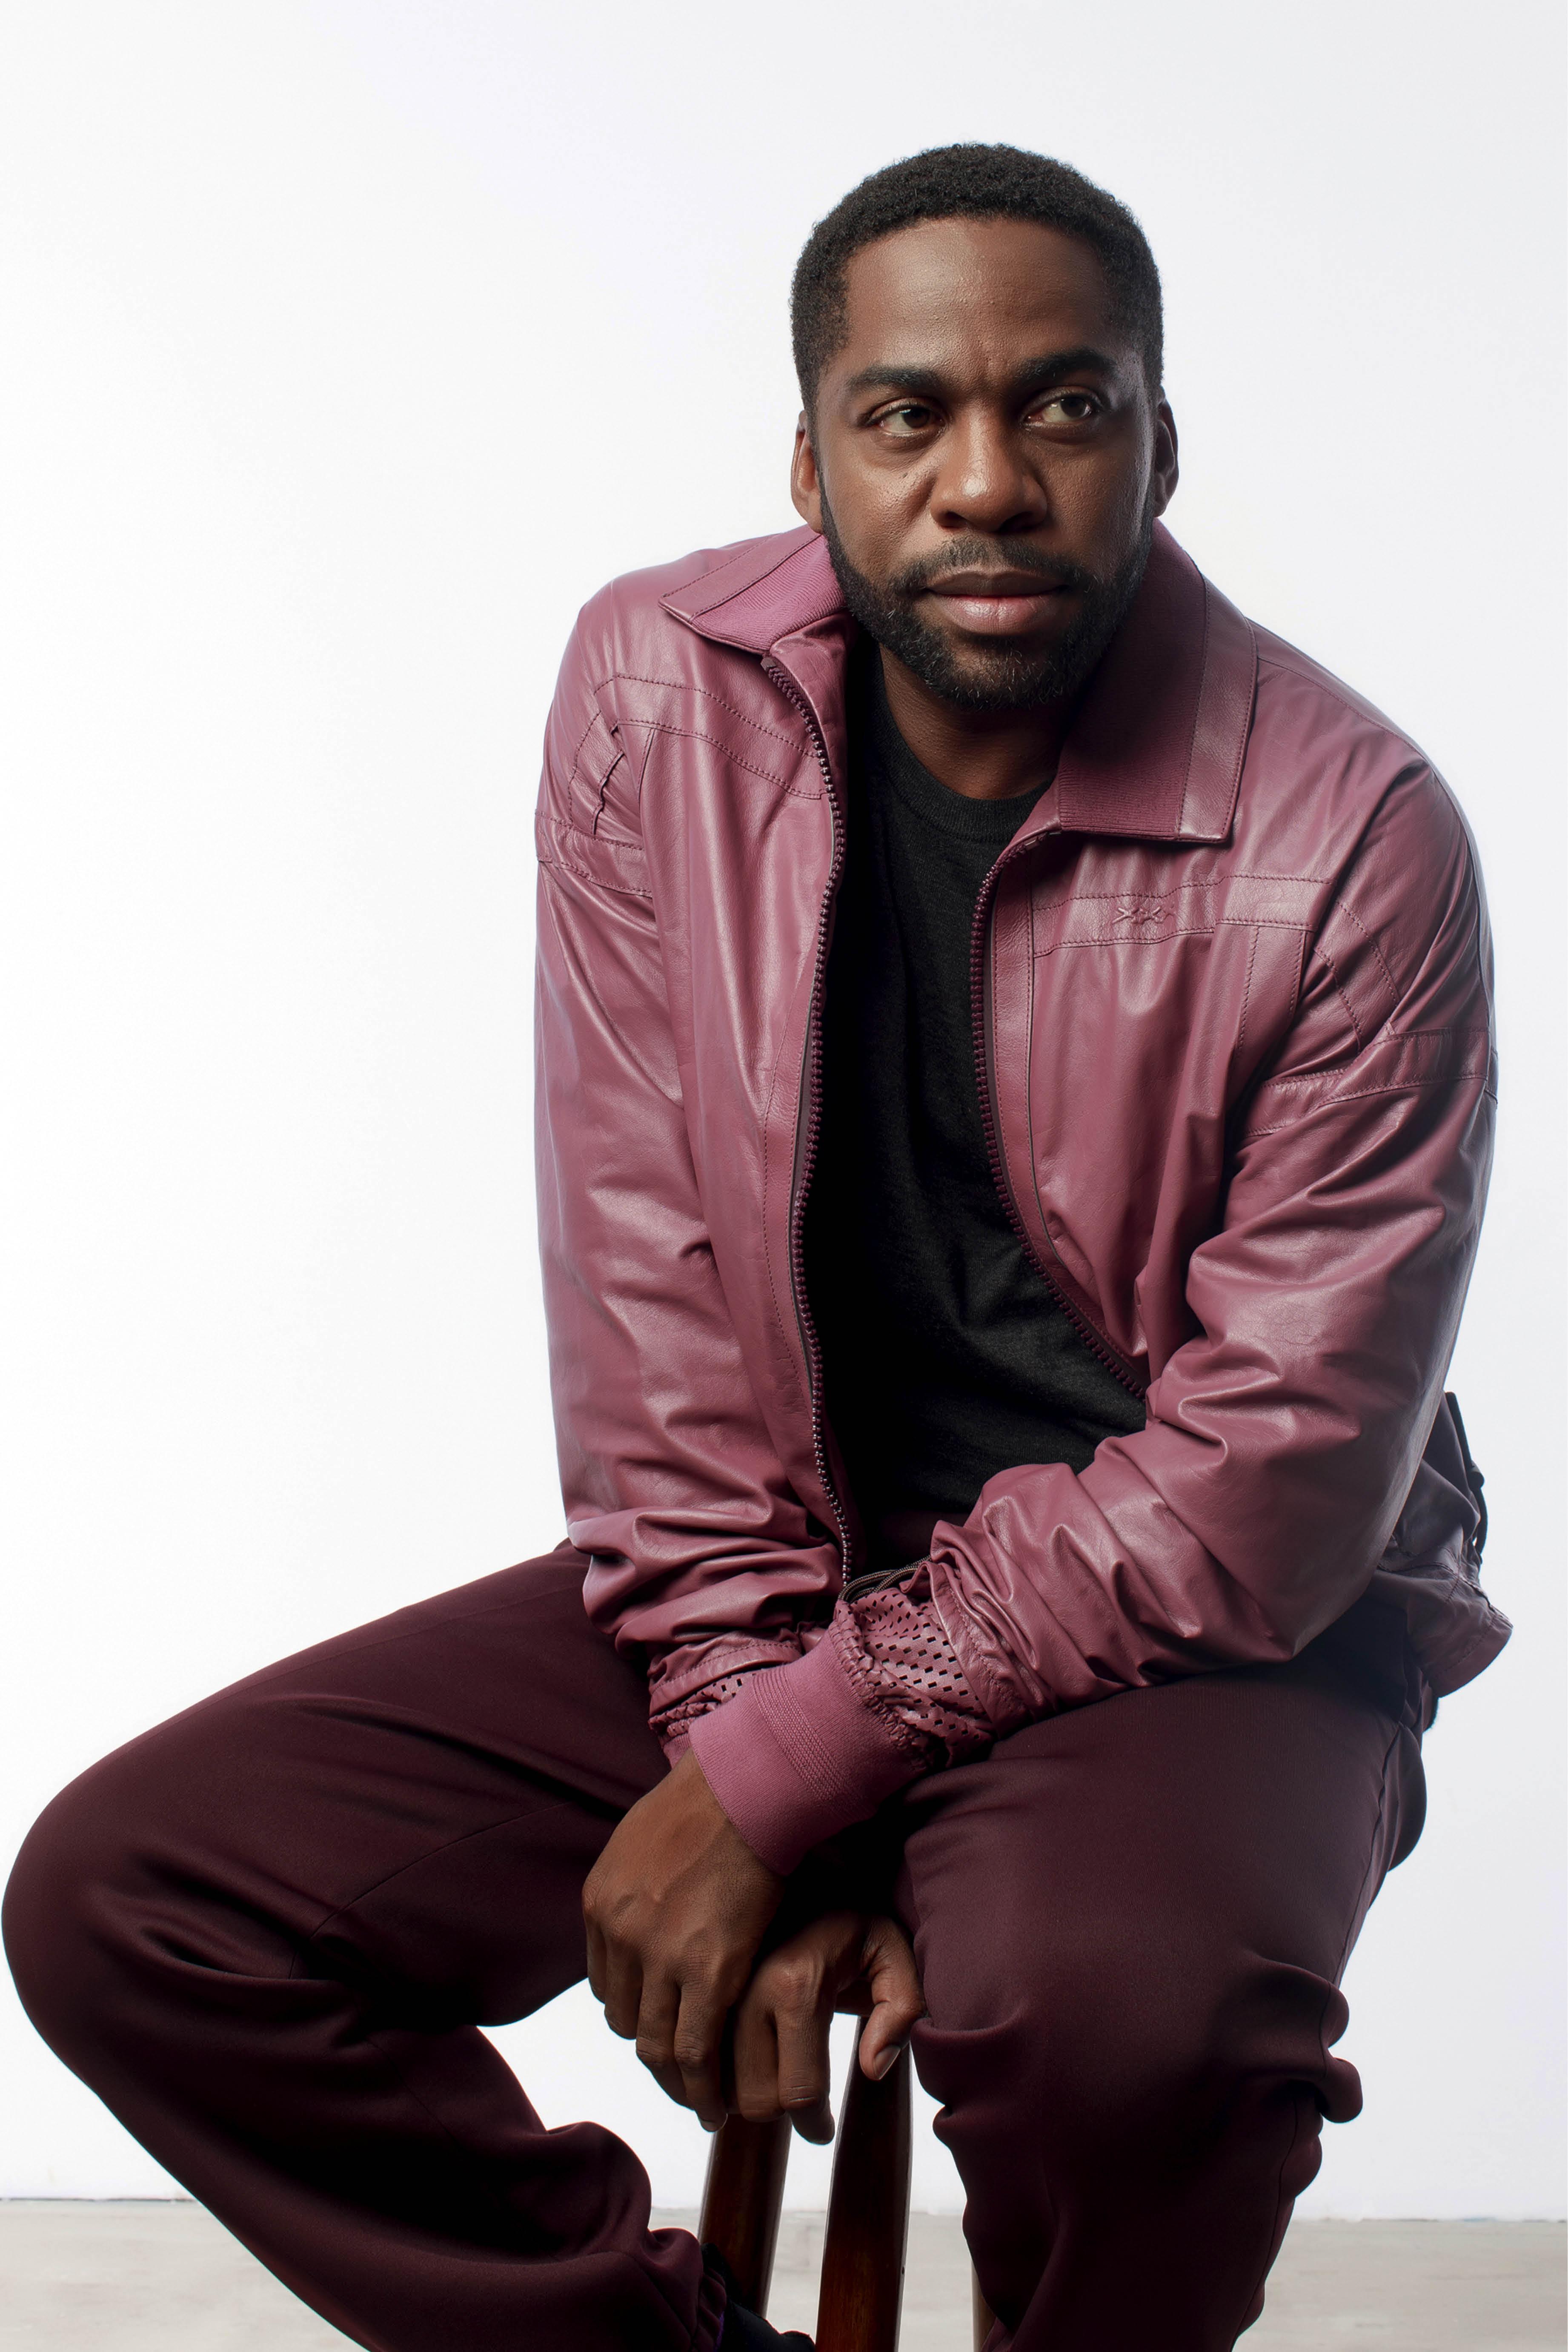 Lázaro é um homem negro, com cabelos curtos, barba e cavanhaque. Ele usa uma calça vinho e uma jaqueta rosa